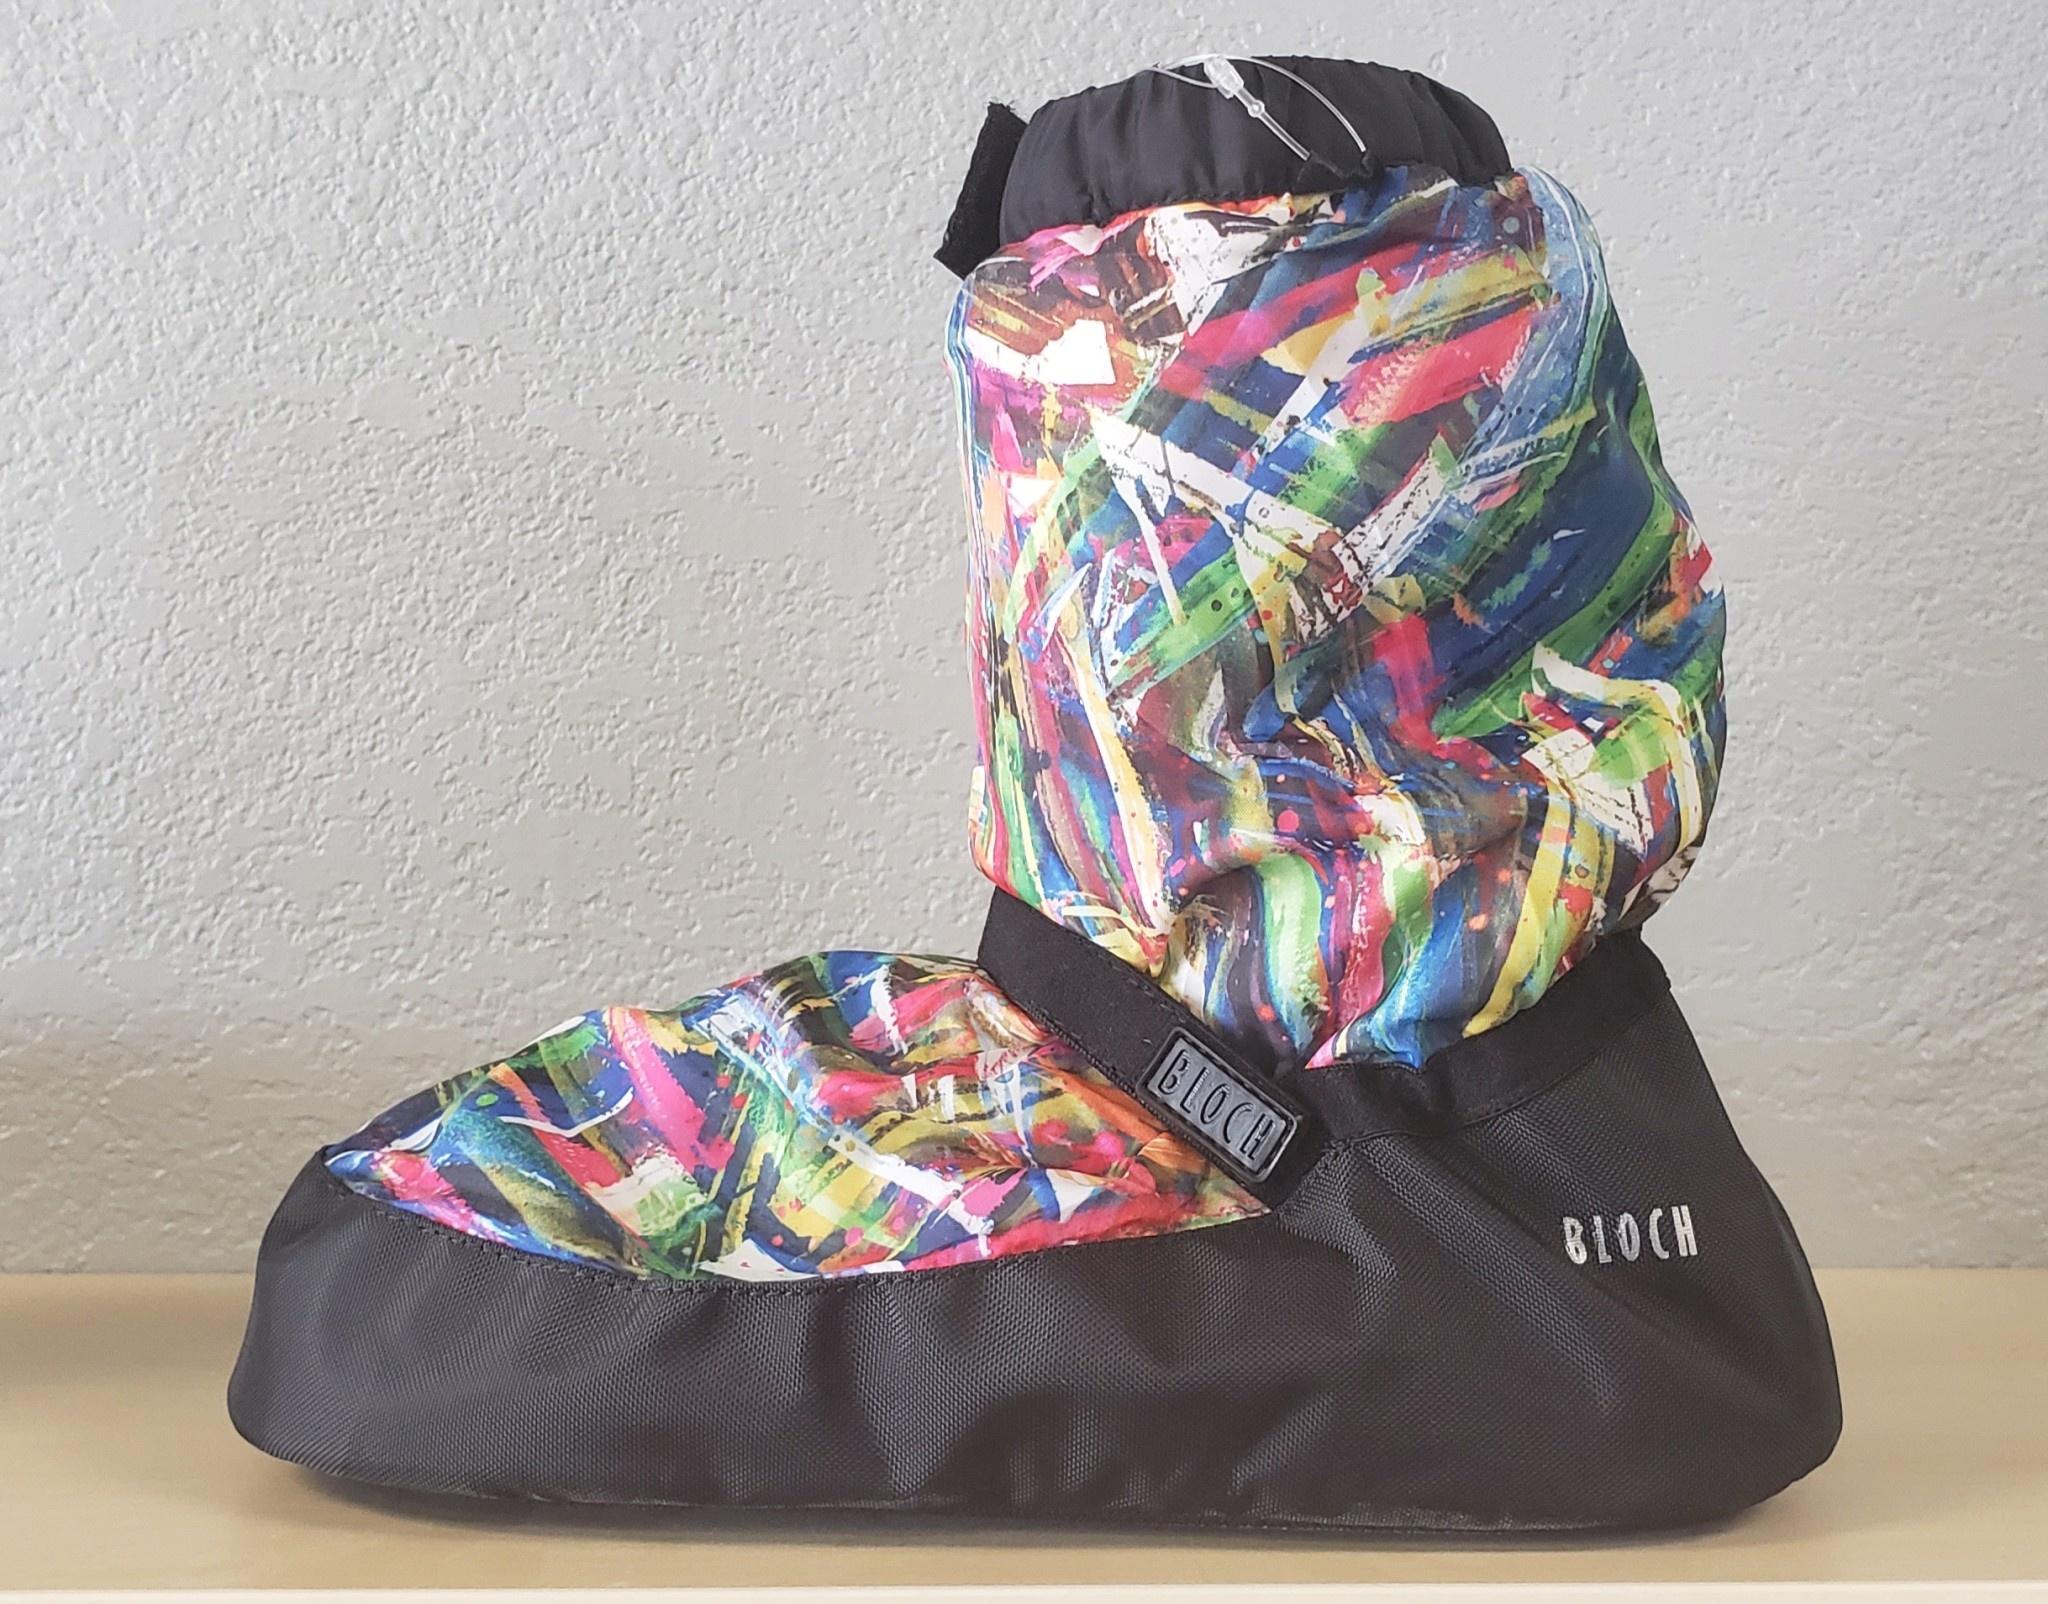 Bloch IM009P Limited Edition Warm-up Bootie